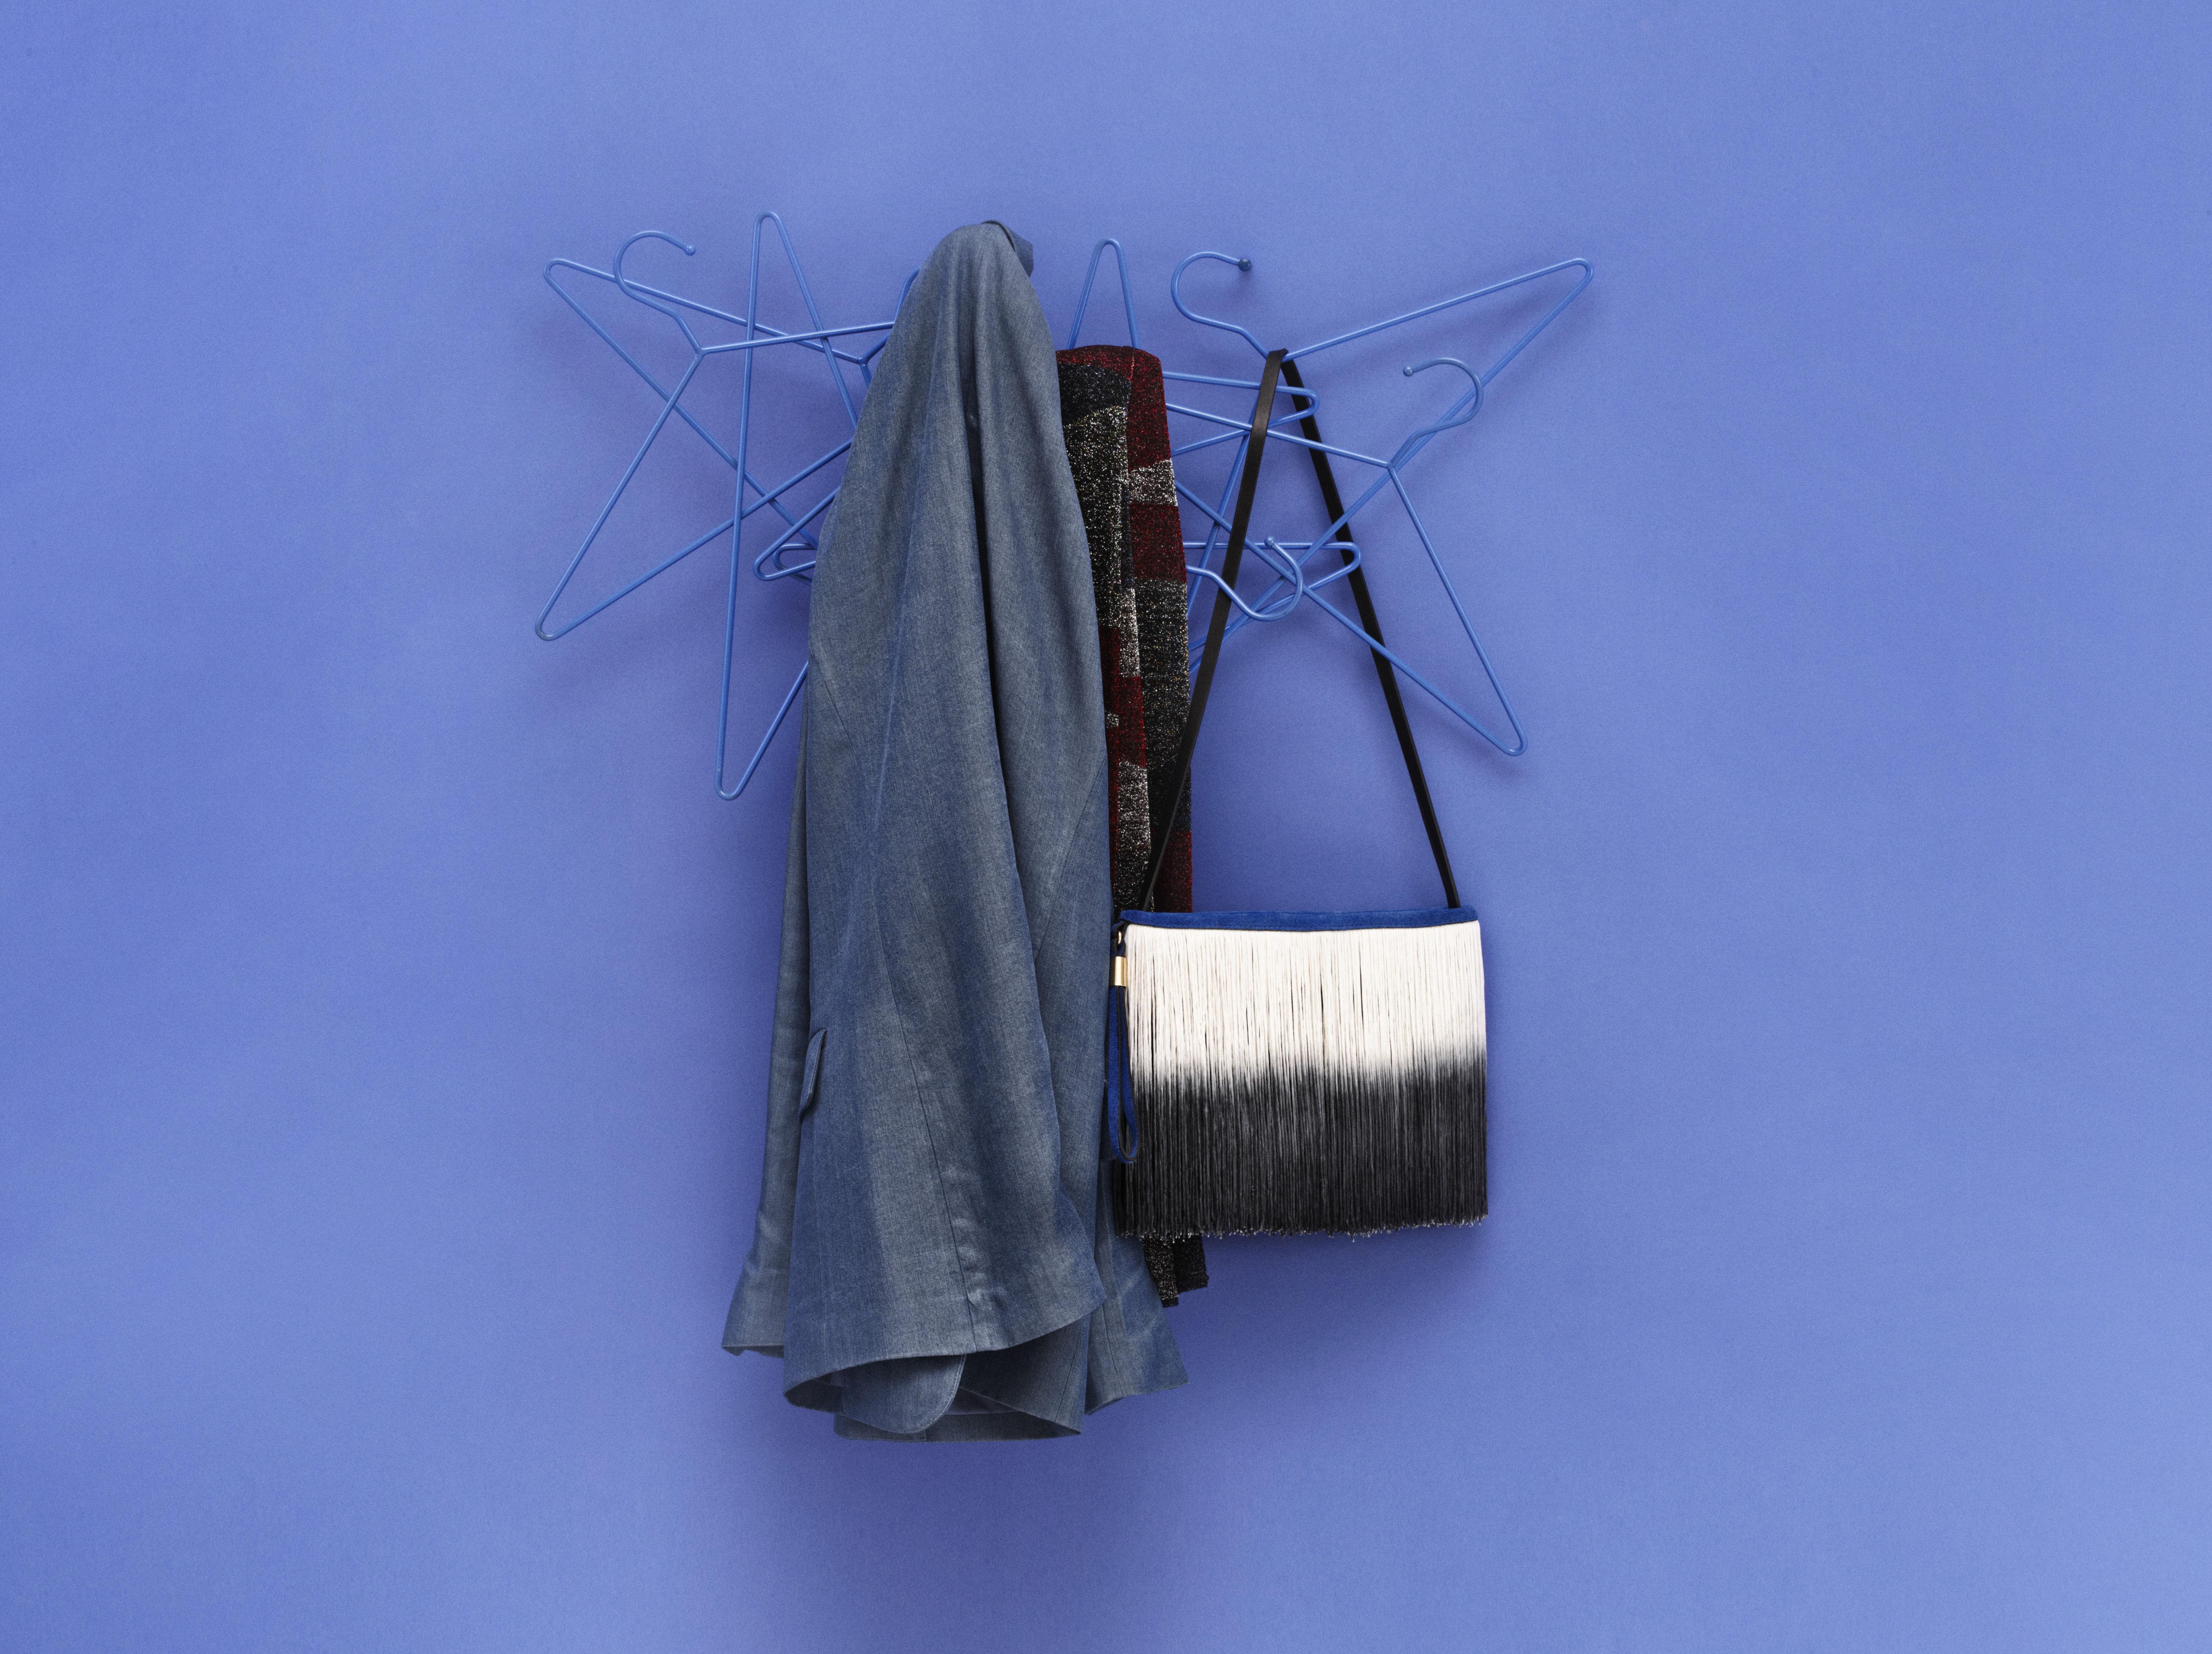 garderoben und kleiderhaken hang on garderobe normann copenhagen. Black Bedroom Furniture Sets. Home Design Ideas